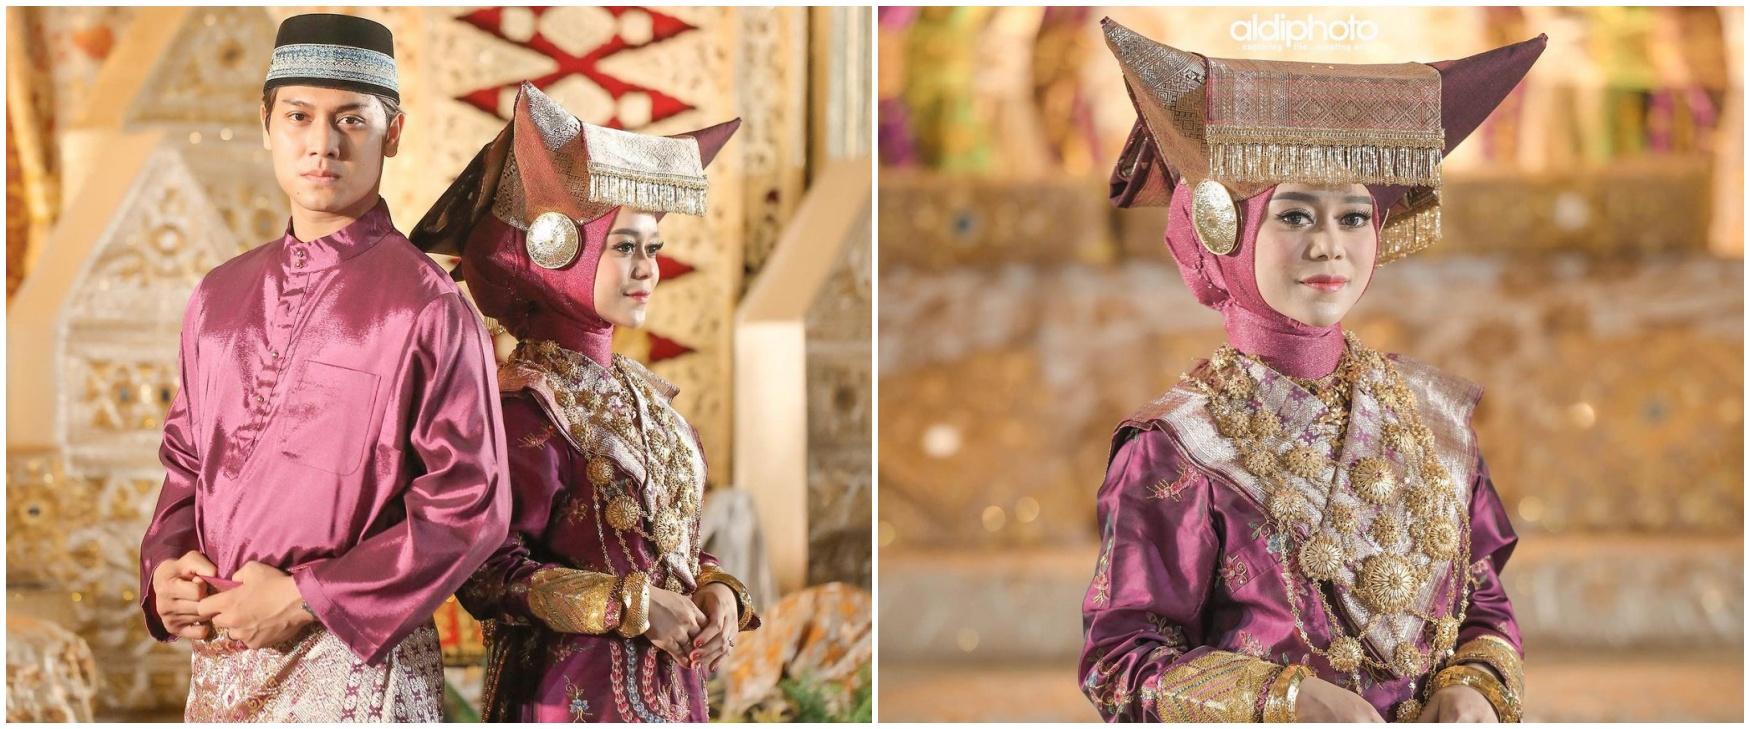 9 Potret detail penampilan Lesty Kejora saat Malam Bainai, anggun